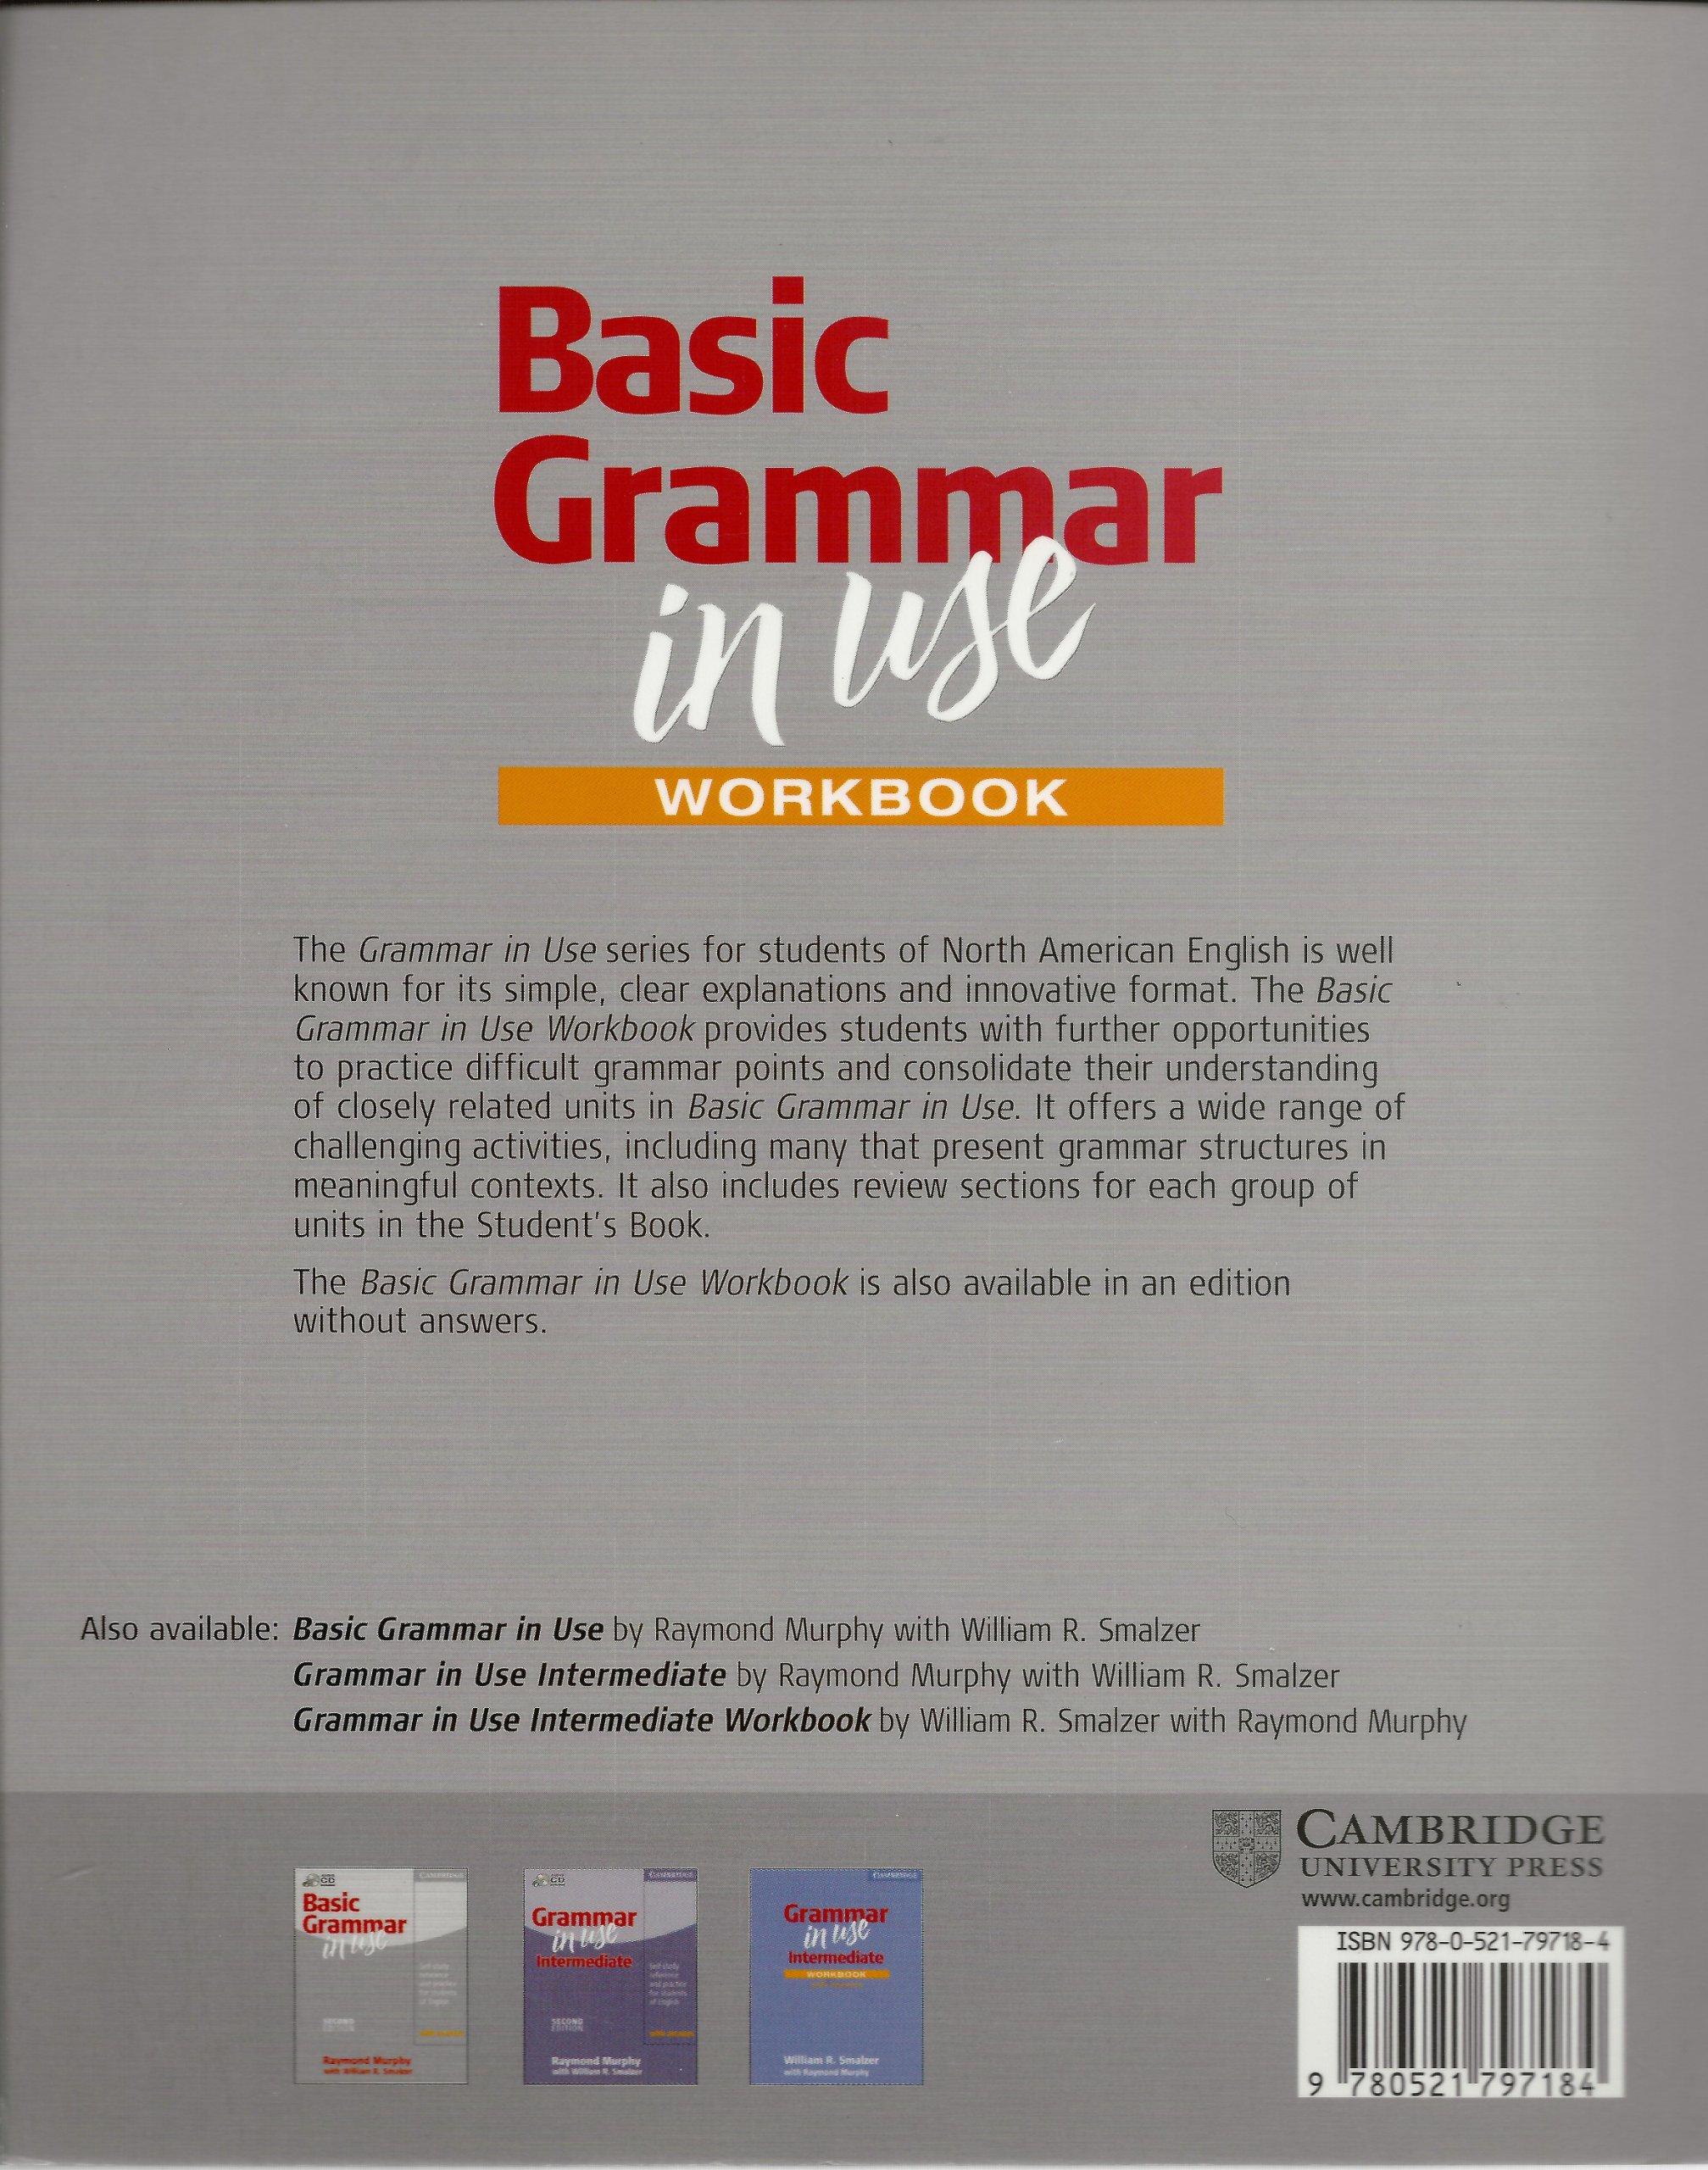 Basic Grammar in Use Workbook